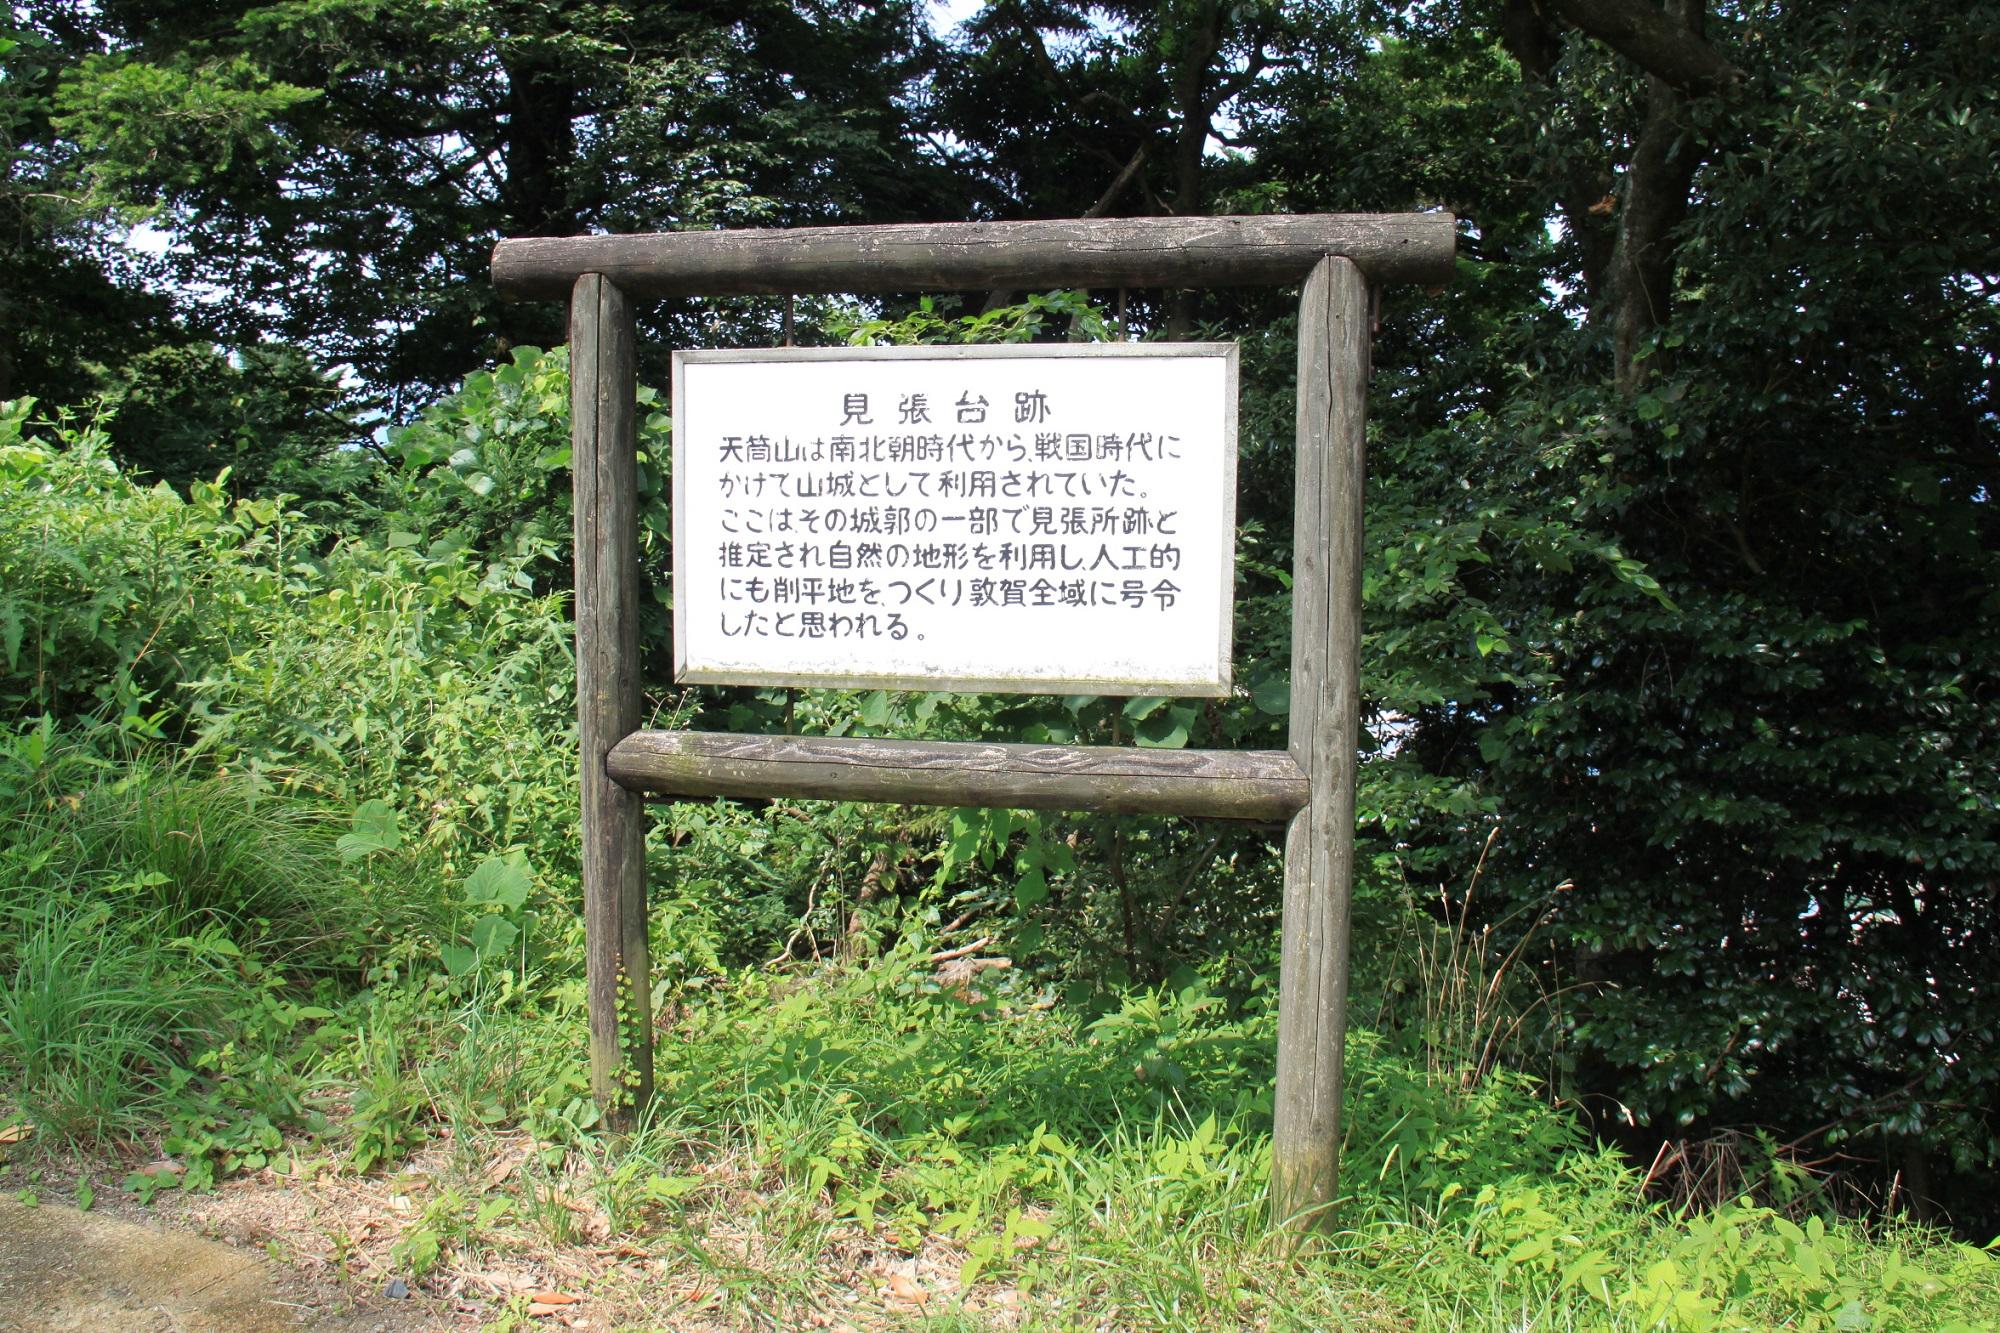 kanegasaki (4)